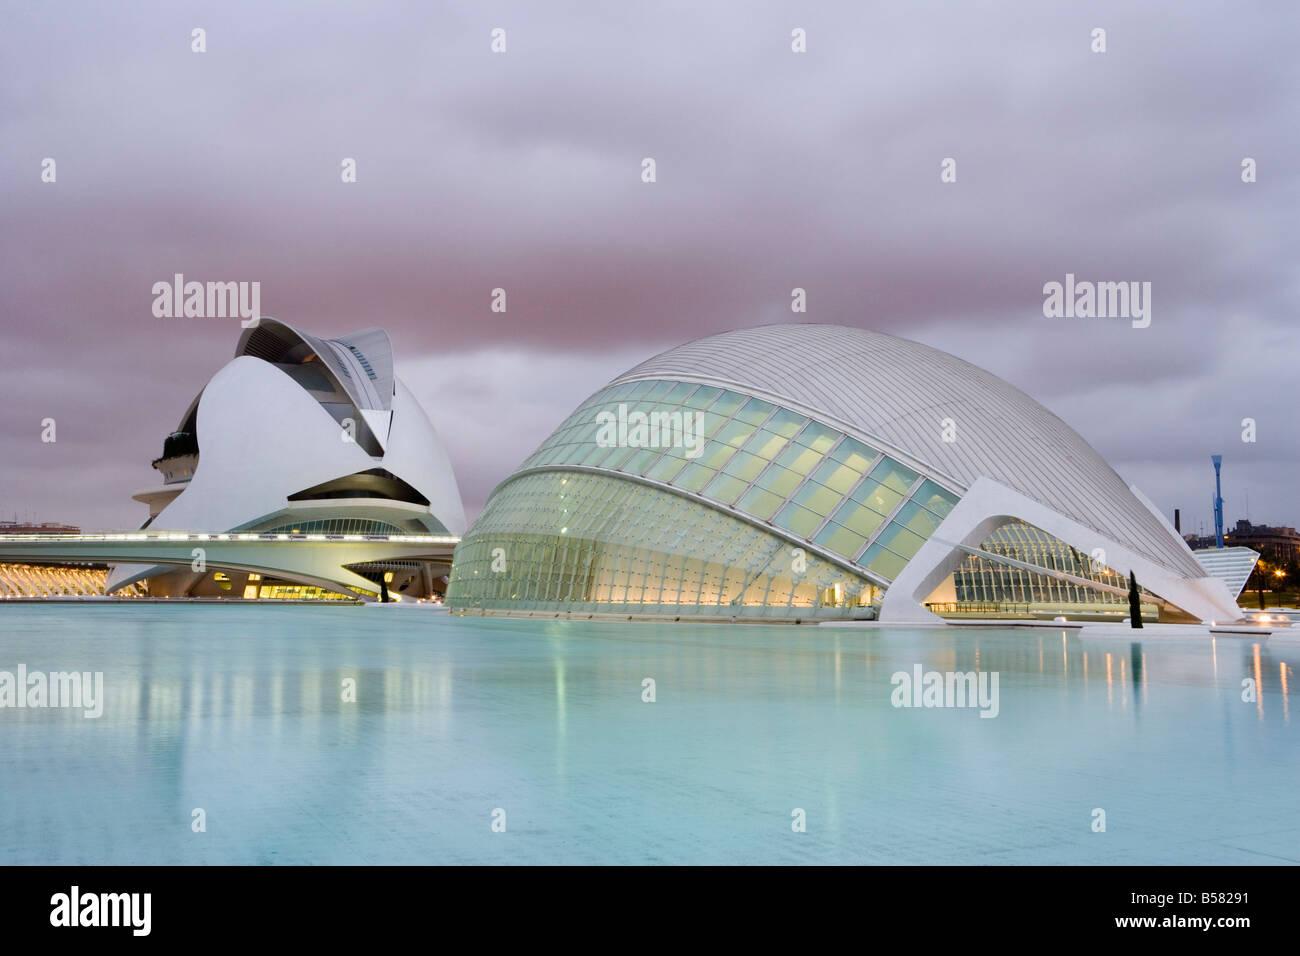 Palau de les Arts, Ciutat de les Arts i de les Ciencies, museum, Valencia, Mediterranean, Costa del Azahar, Spain - Stock Image